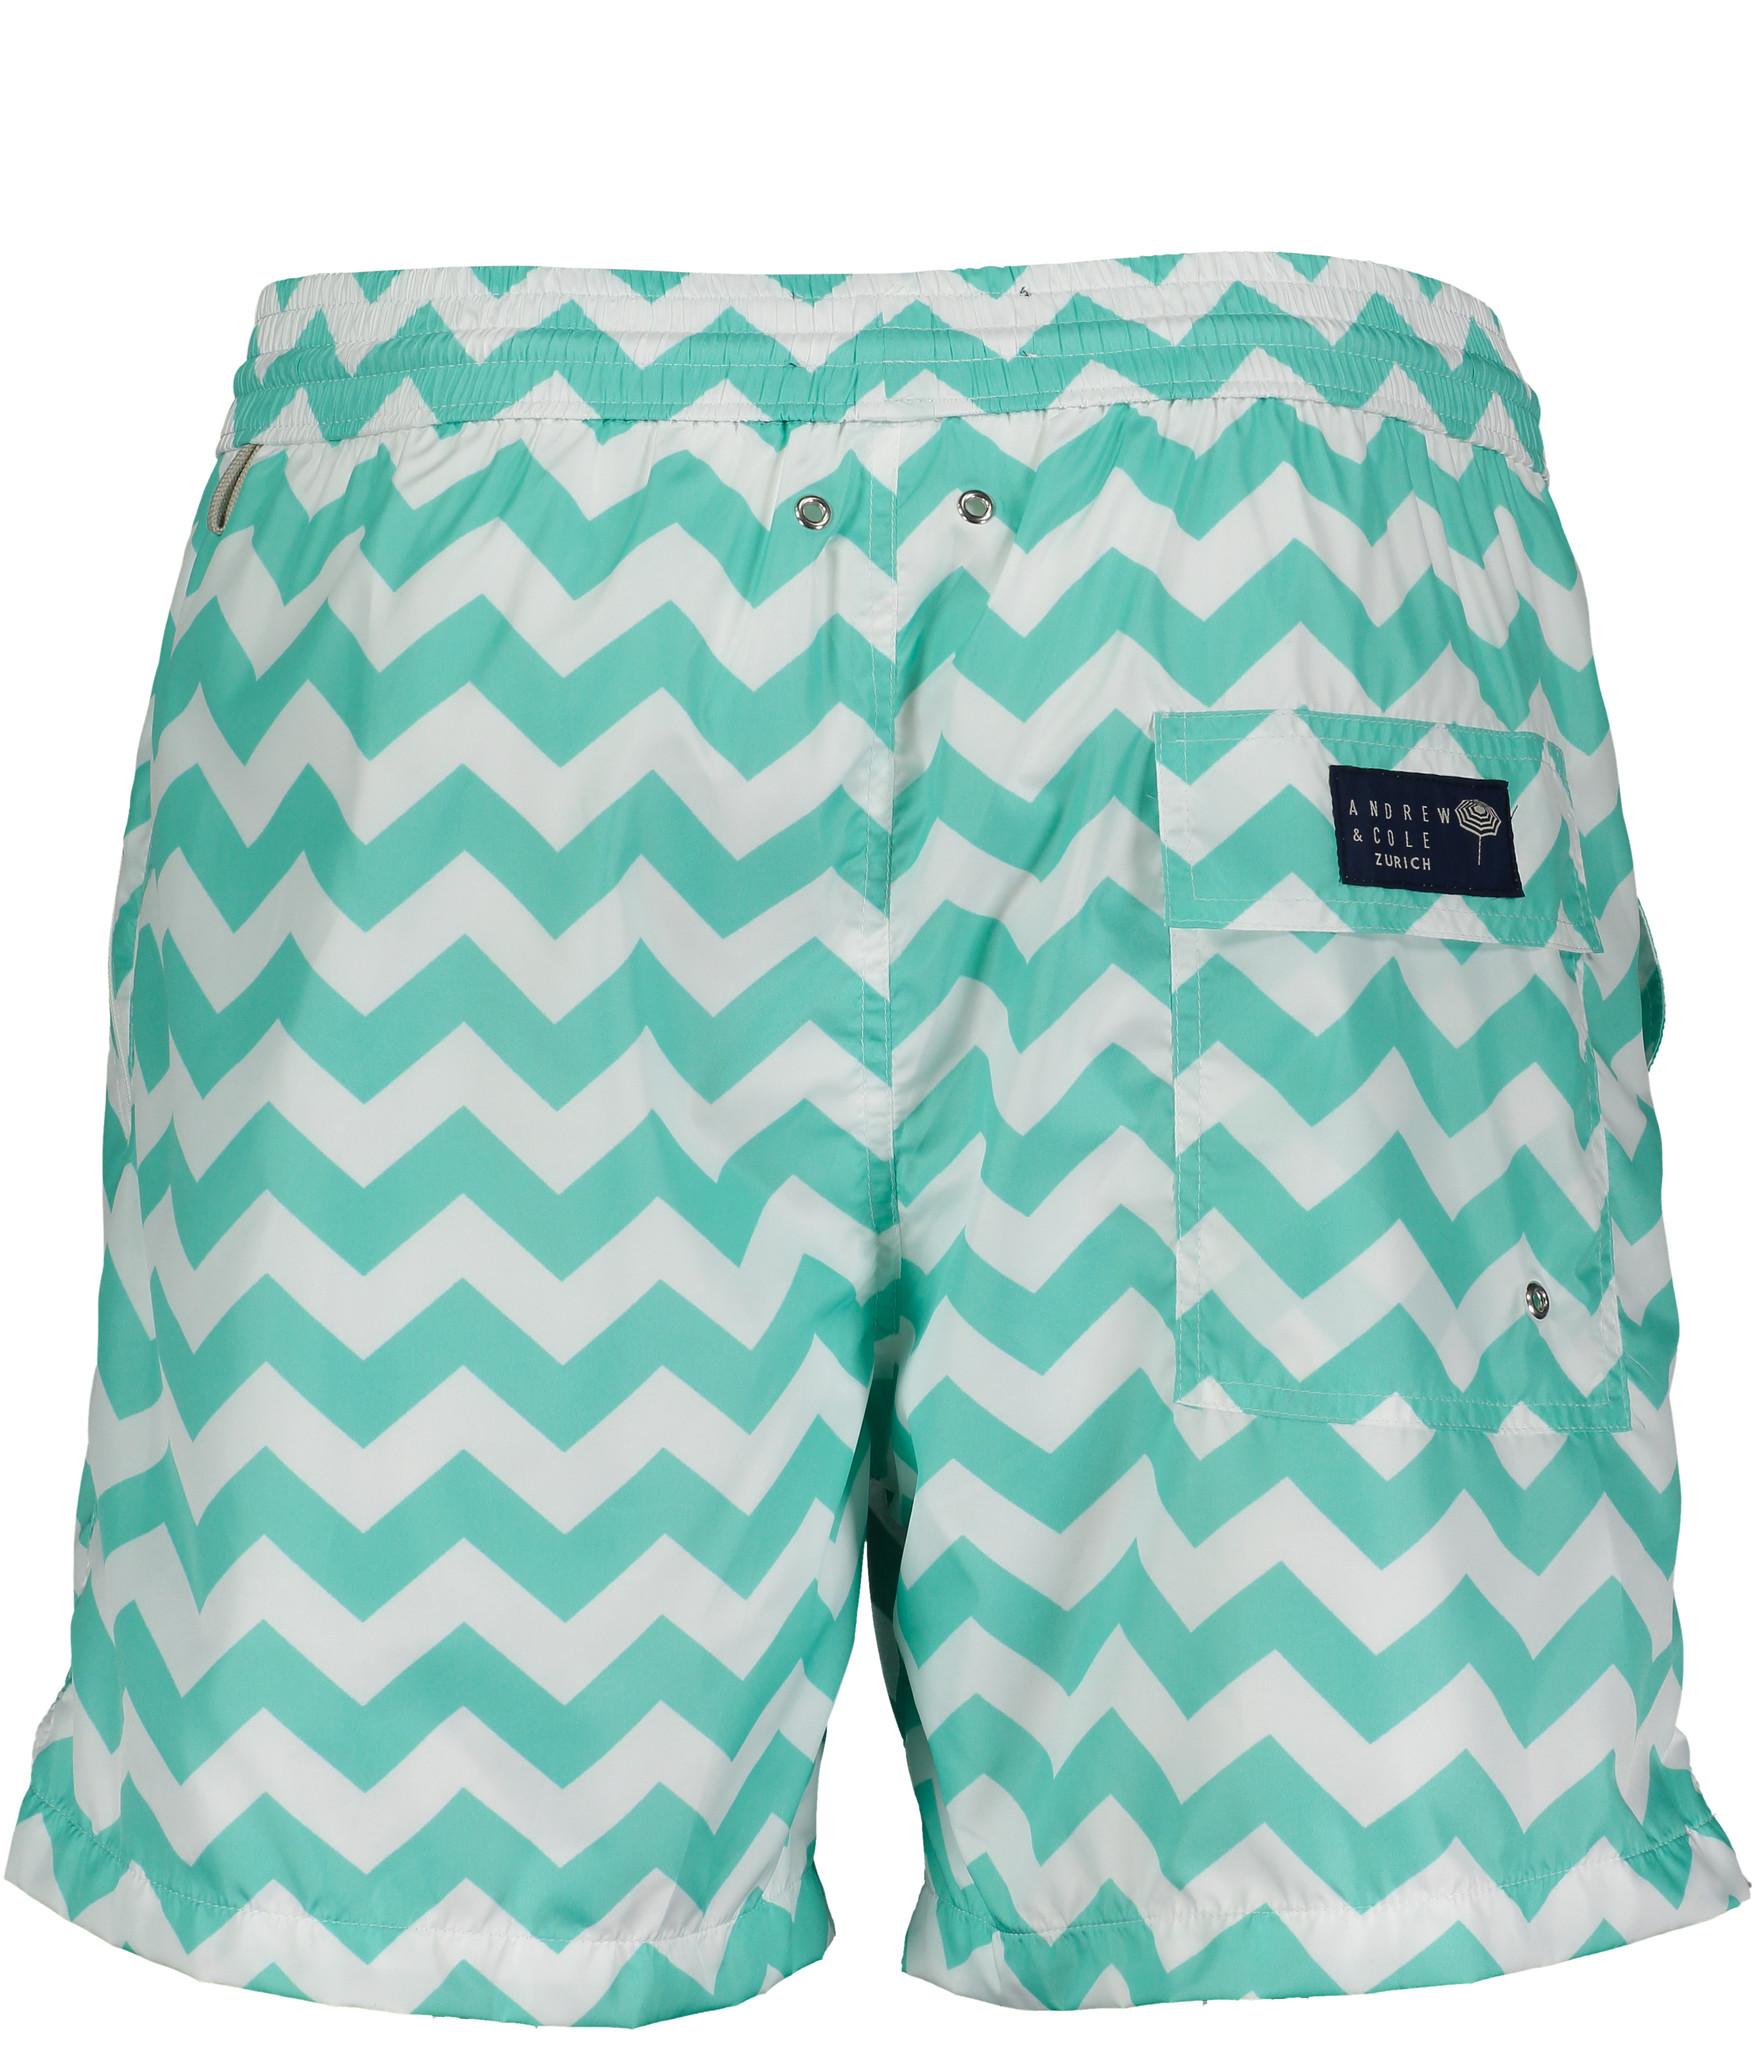 Men's Swim Shorts Wave Mint-3